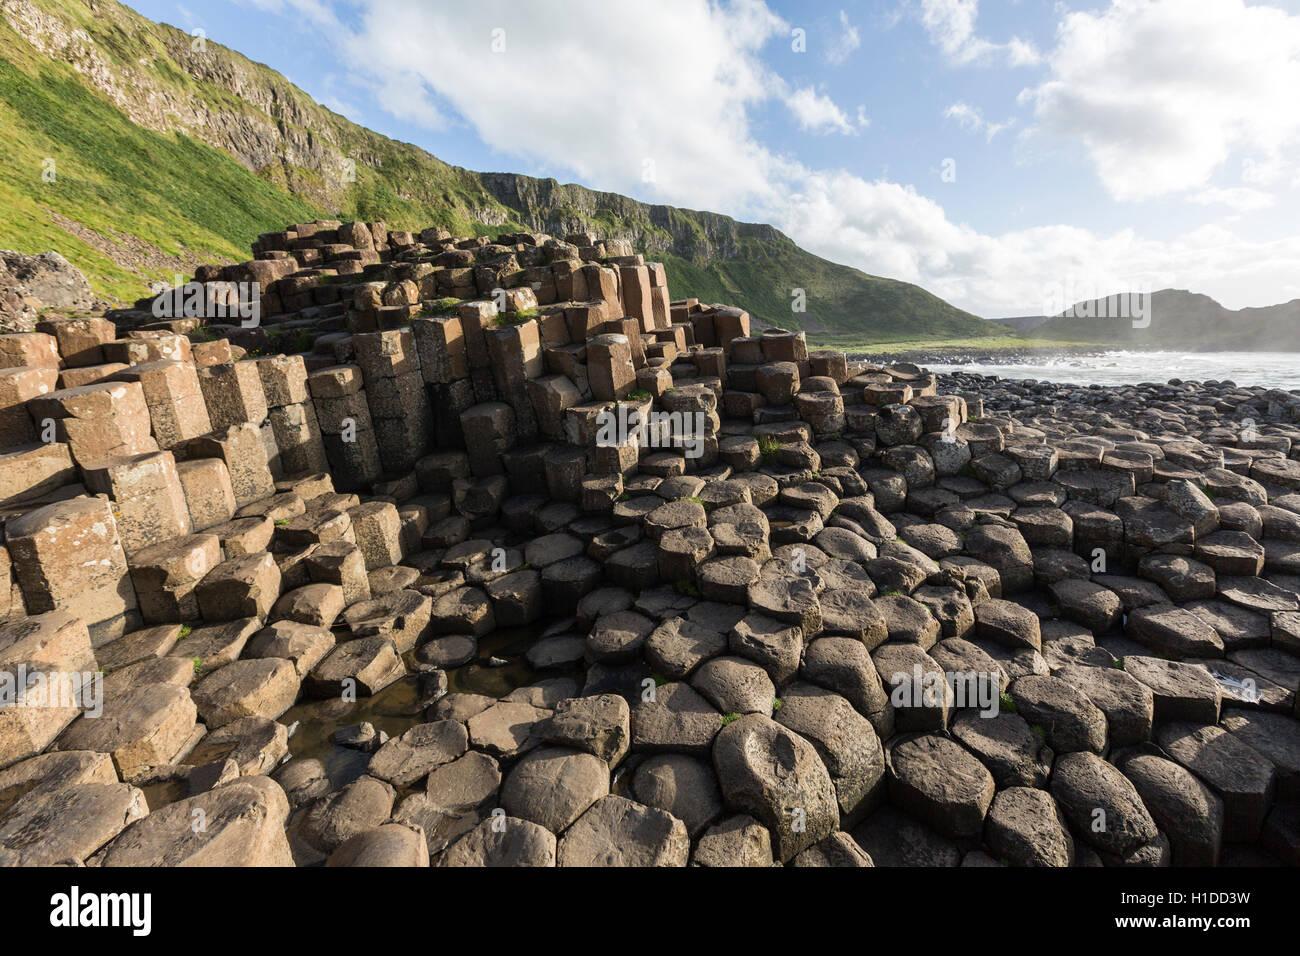 Ganny porta a Giant's Causeway, Bushmills, County Antrim, Irlanda del Nord, Regno Unito Foto Stock